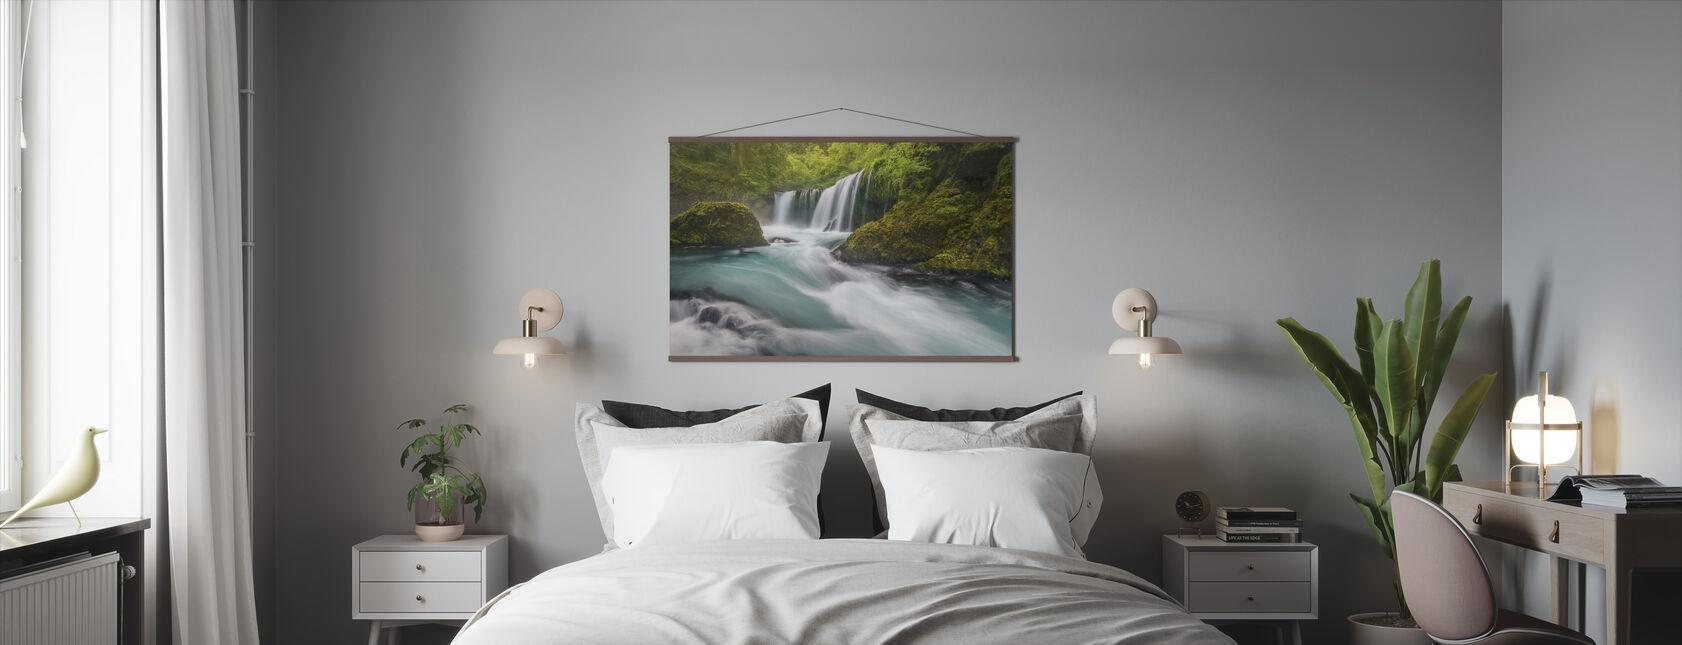 Spirit Falls - Poster - Bedroom